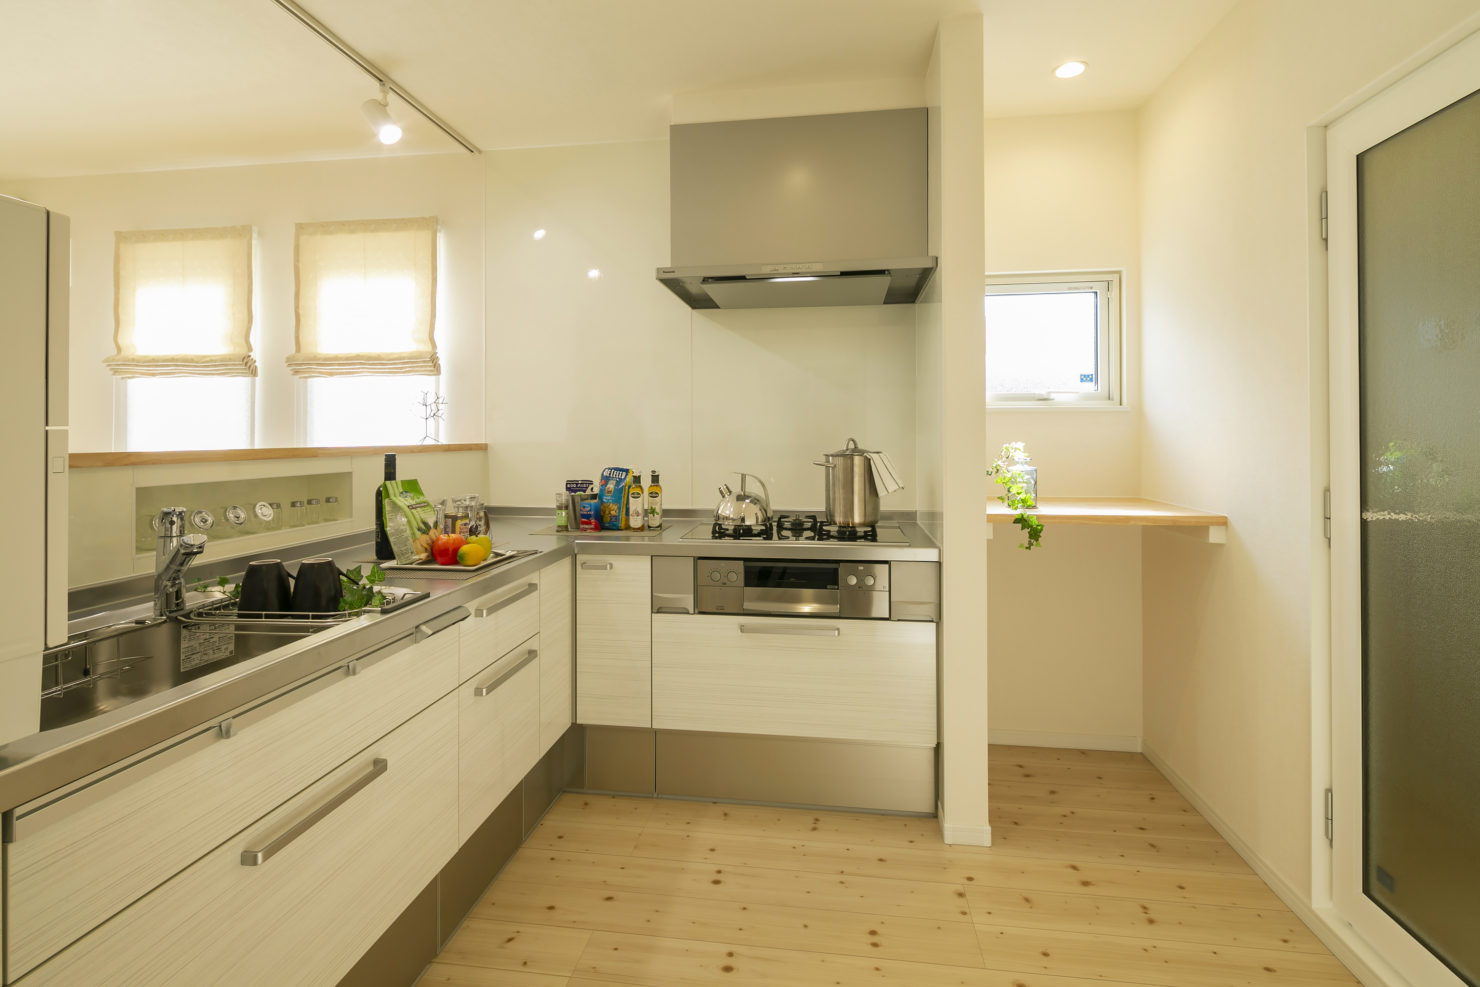 ハウスM21「朝・夕のゆとりを生む家事動線」キッチン写真